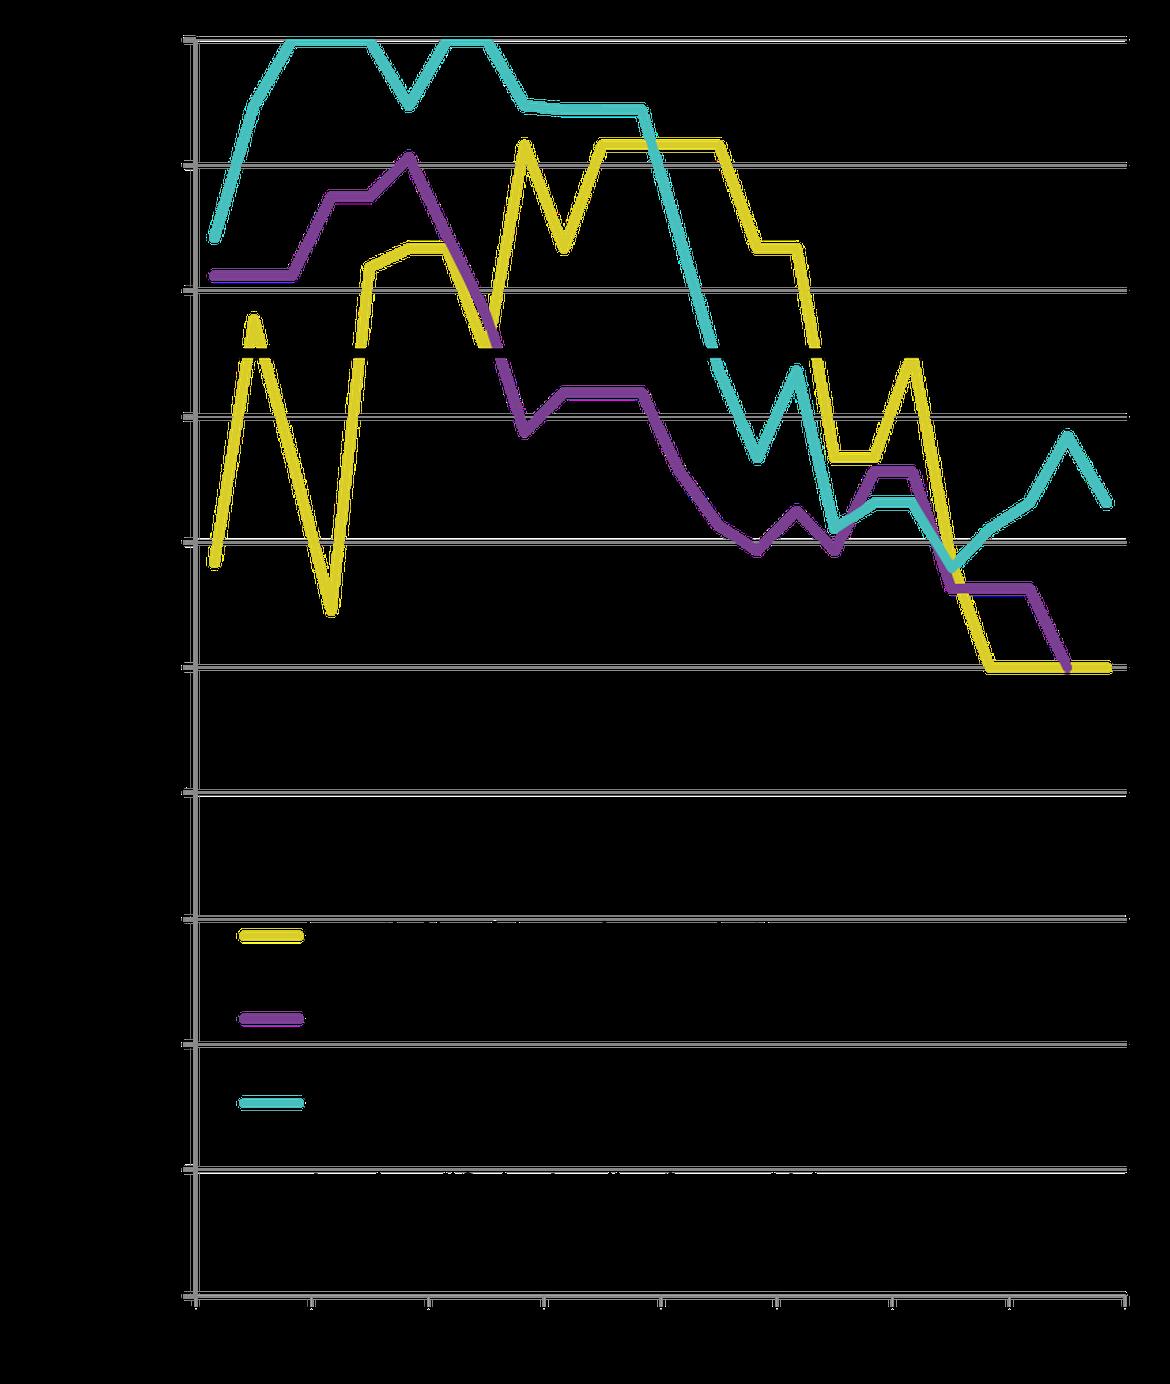 Figure 1: Modification de la proportion annuelle des espèces dépassant les valeurs d'évaluation pout l'abondance relative des oiseaux de mer reproducteurs dans la partie norvégienne des eaux Arctiques (12 espèces) et dans les mers Celtiques (19 espèces) au cours de la période de 1992 à 2015, et dans la région de la mer du Nord au sens large (32 espèces) au cours de la période de 1992 à 2014